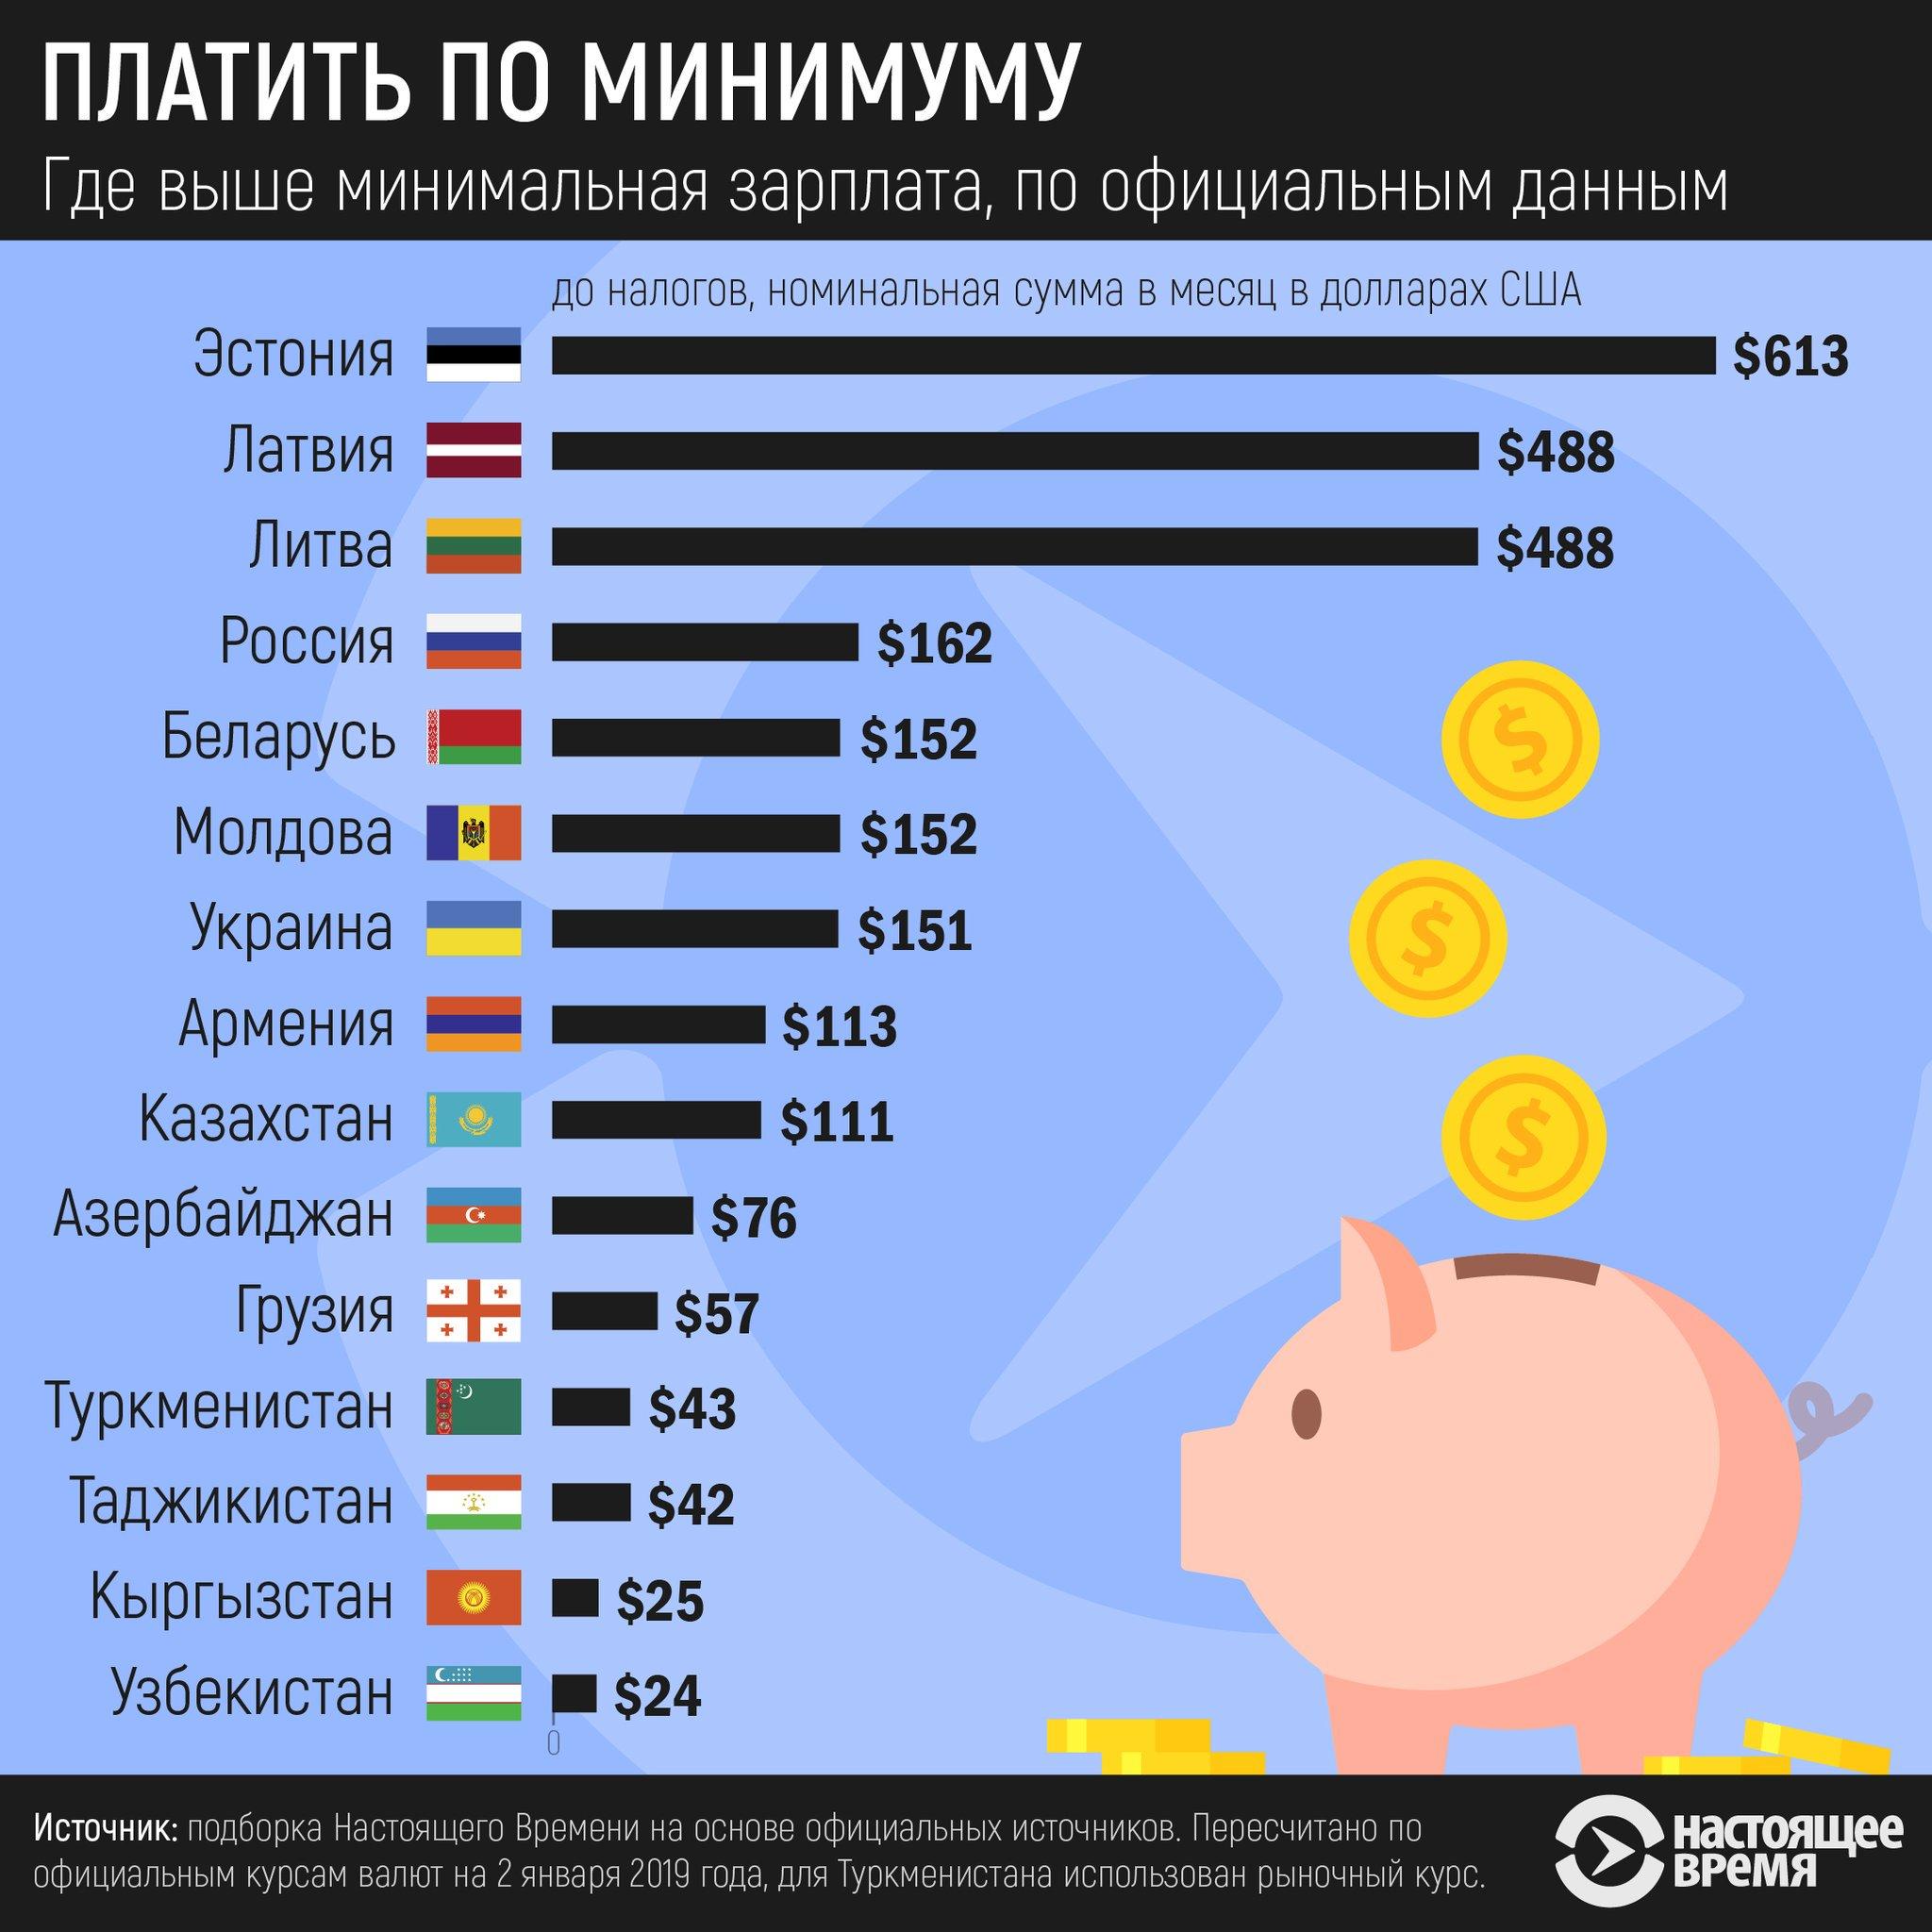 Уровень минимальных зарплат в странах СНГ за 2019 год.